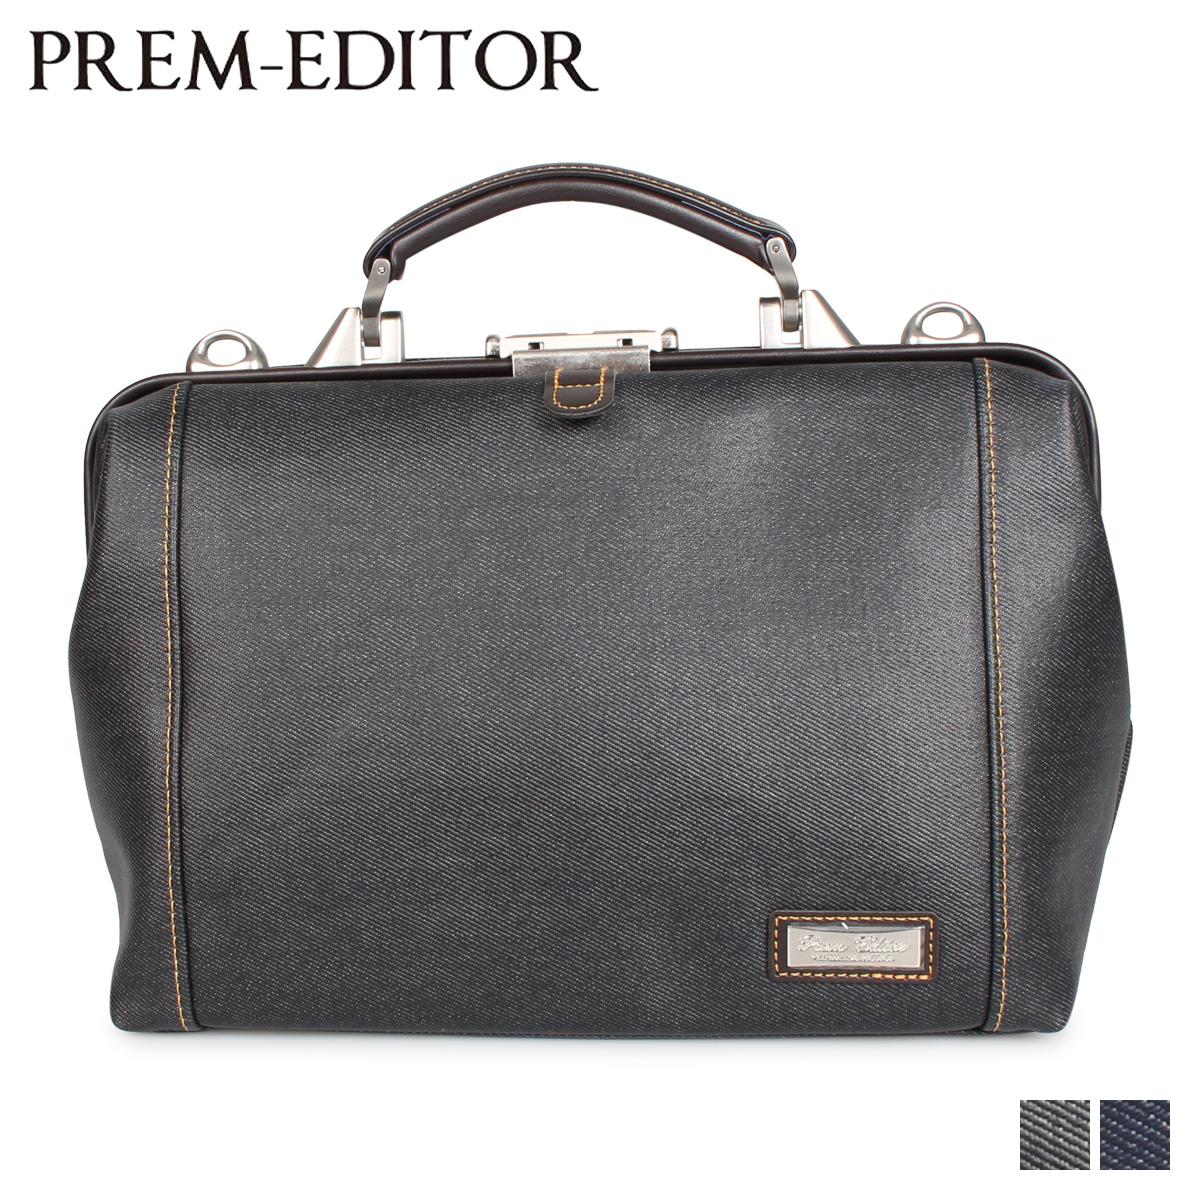 PREM-EDITOR プレム エディター バッグ ビジネスバッグ ショルダーバッグ メンズ 6L DULLES BAG ブラック ブルー 黒 02777